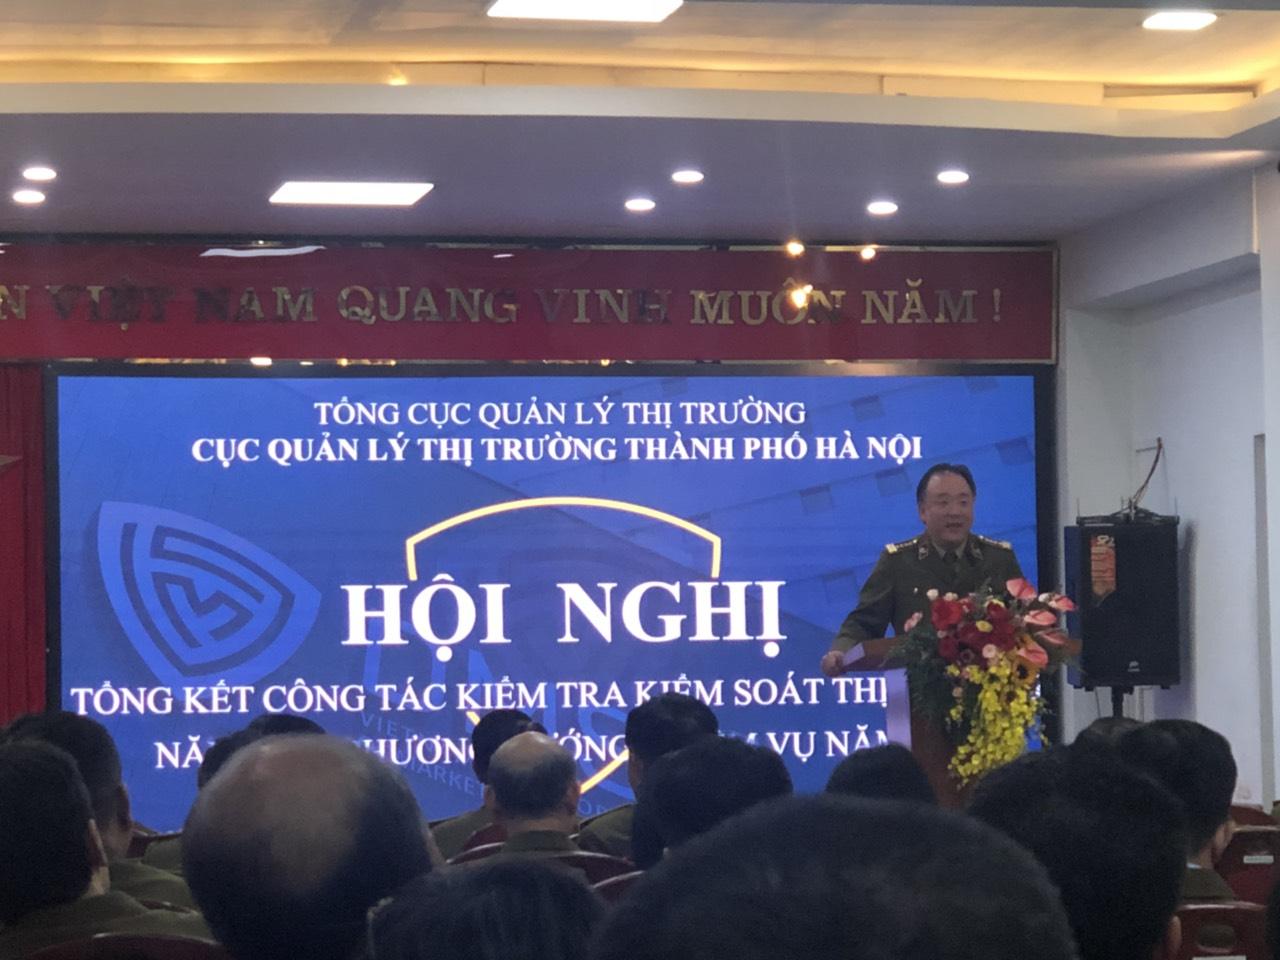 QLTT Hà Nội: Tổ chức Hội nghị tổng kết công tác kiểm tra kiểm soát thị trường năm 2020, phương hướng nhiệm vụ năm 2021